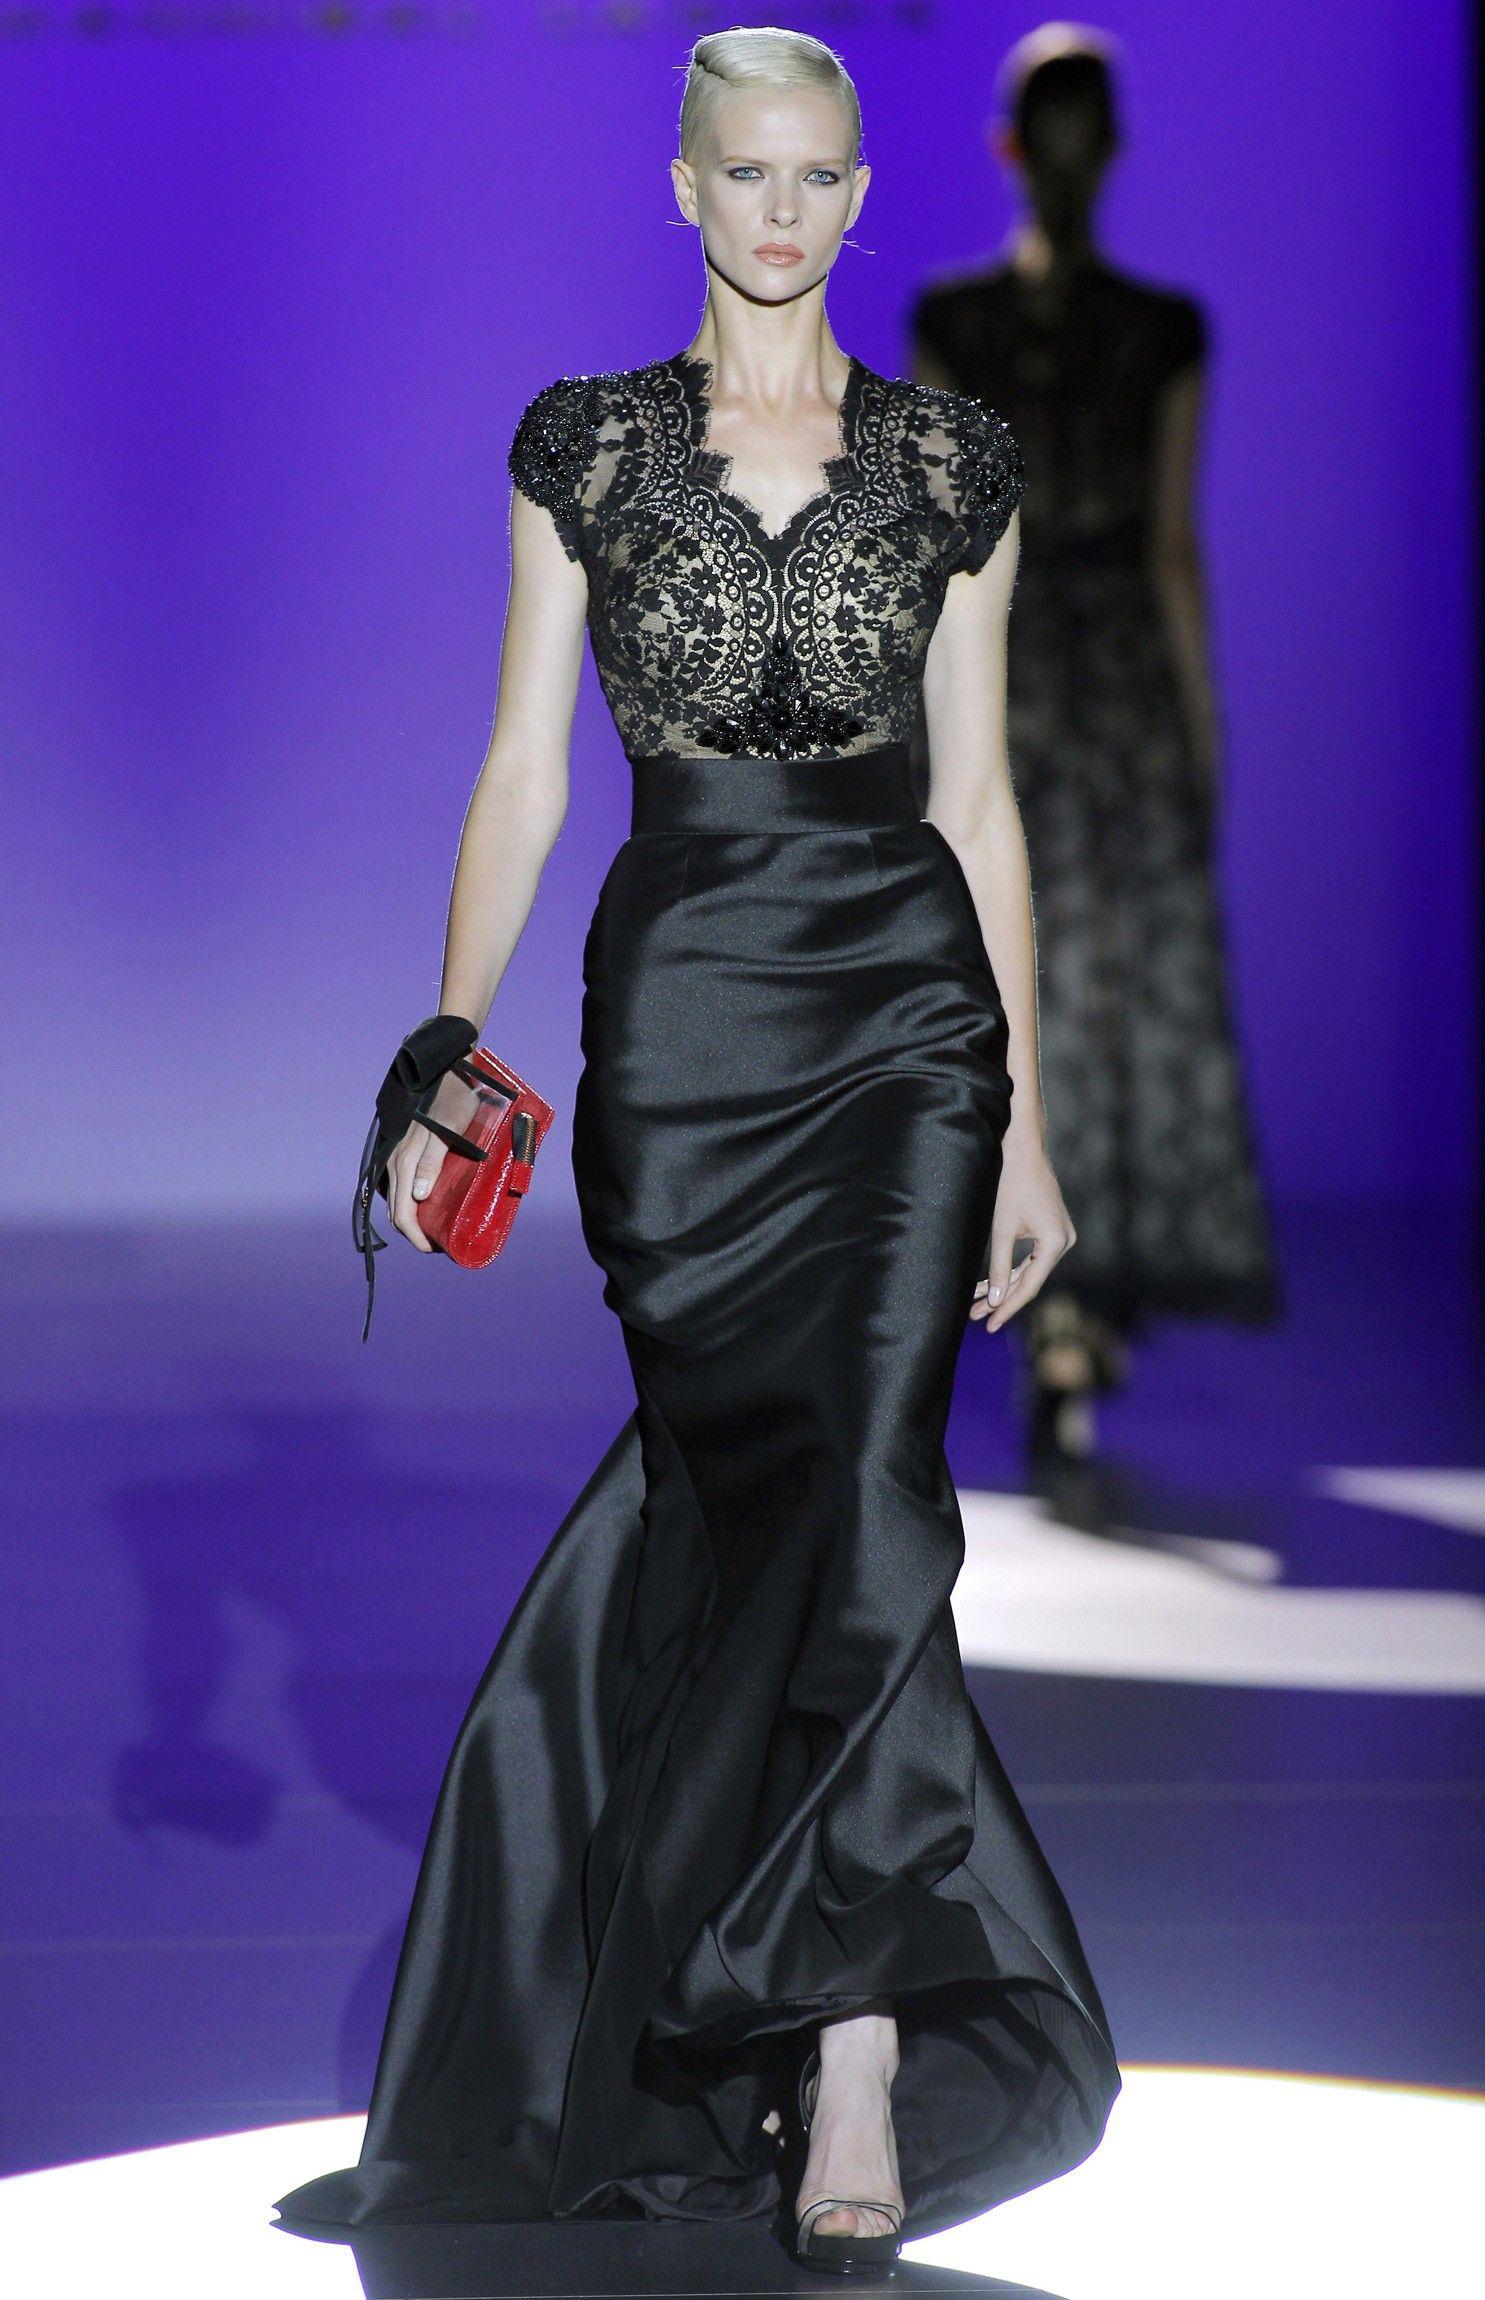 Vestidos de Fiesta - Colección 2016 Hannibal Laguna | Fashion Fever ...